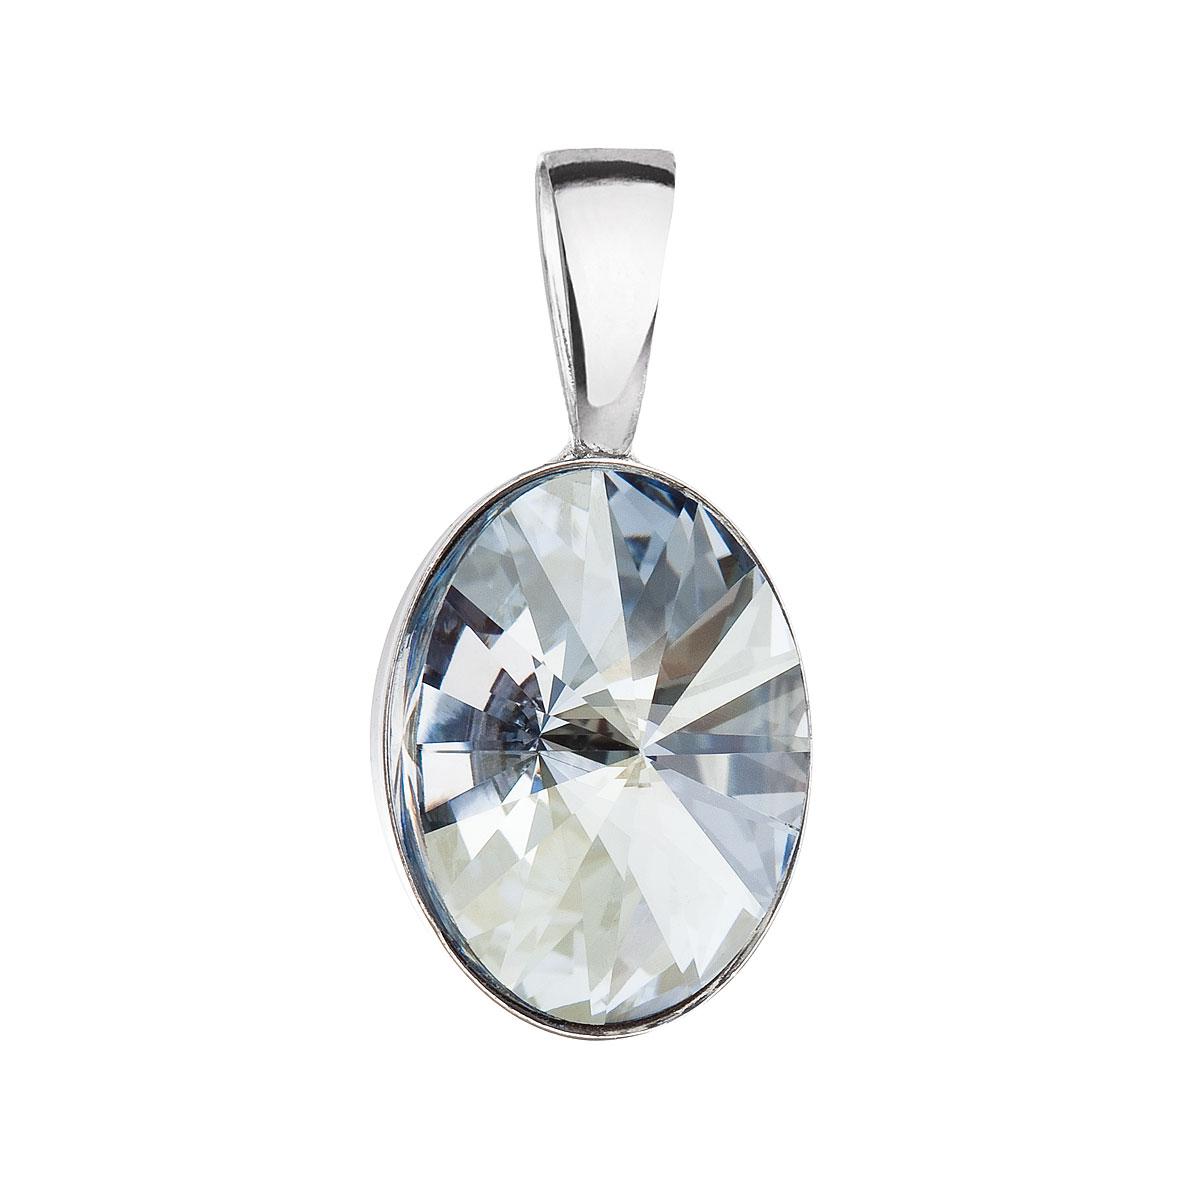 Stříbrný přívěsek s krystalem Swarovski modrý ovál 34245.5